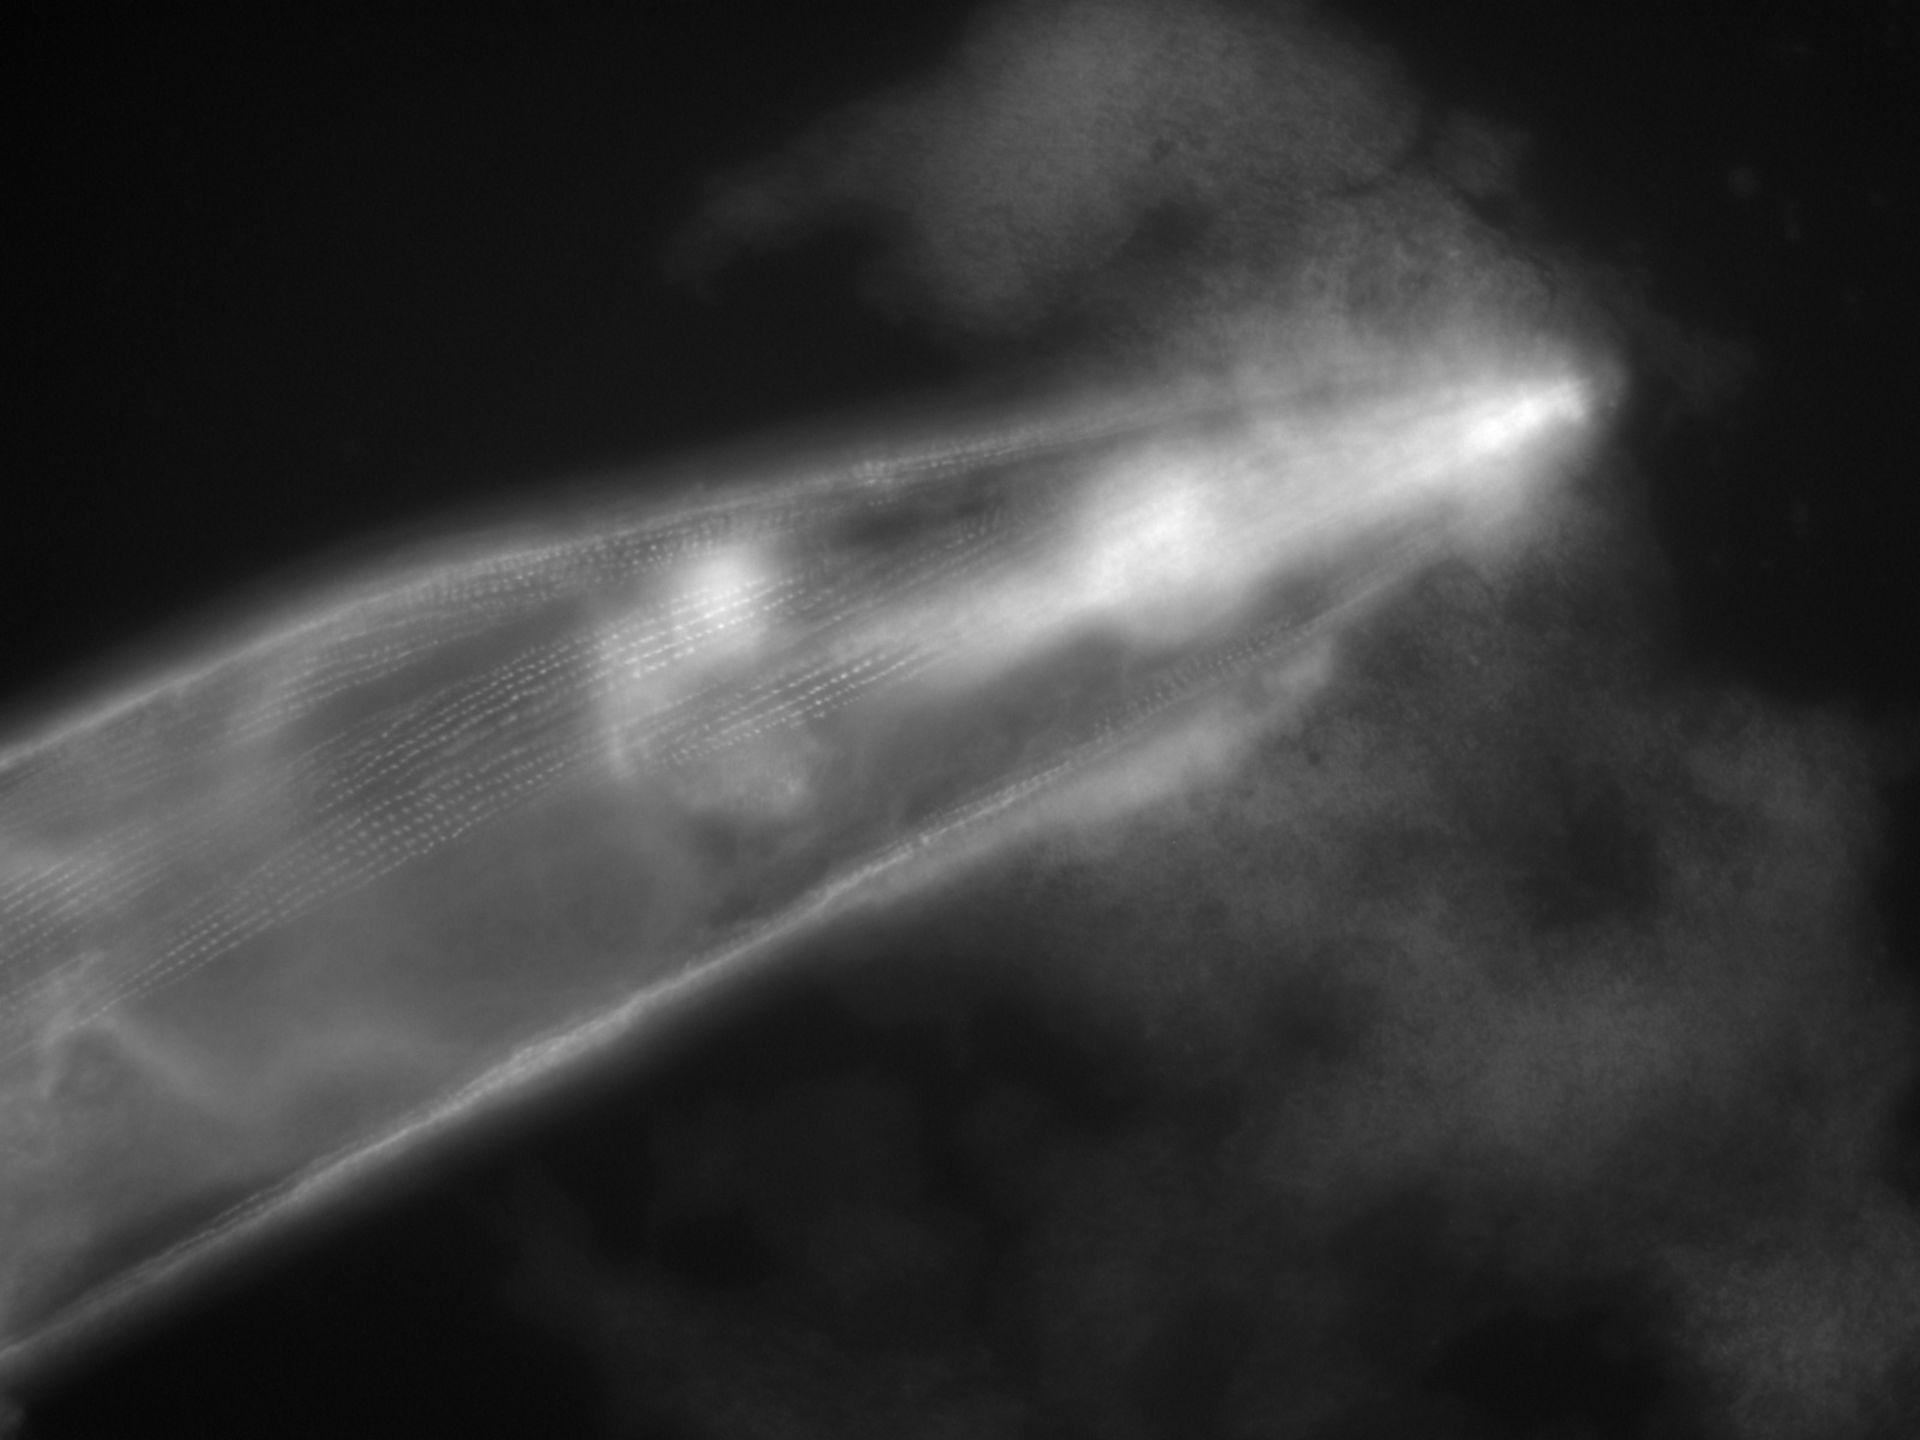 Caenorhabditis elegans (Actin filament) - CIL:1122